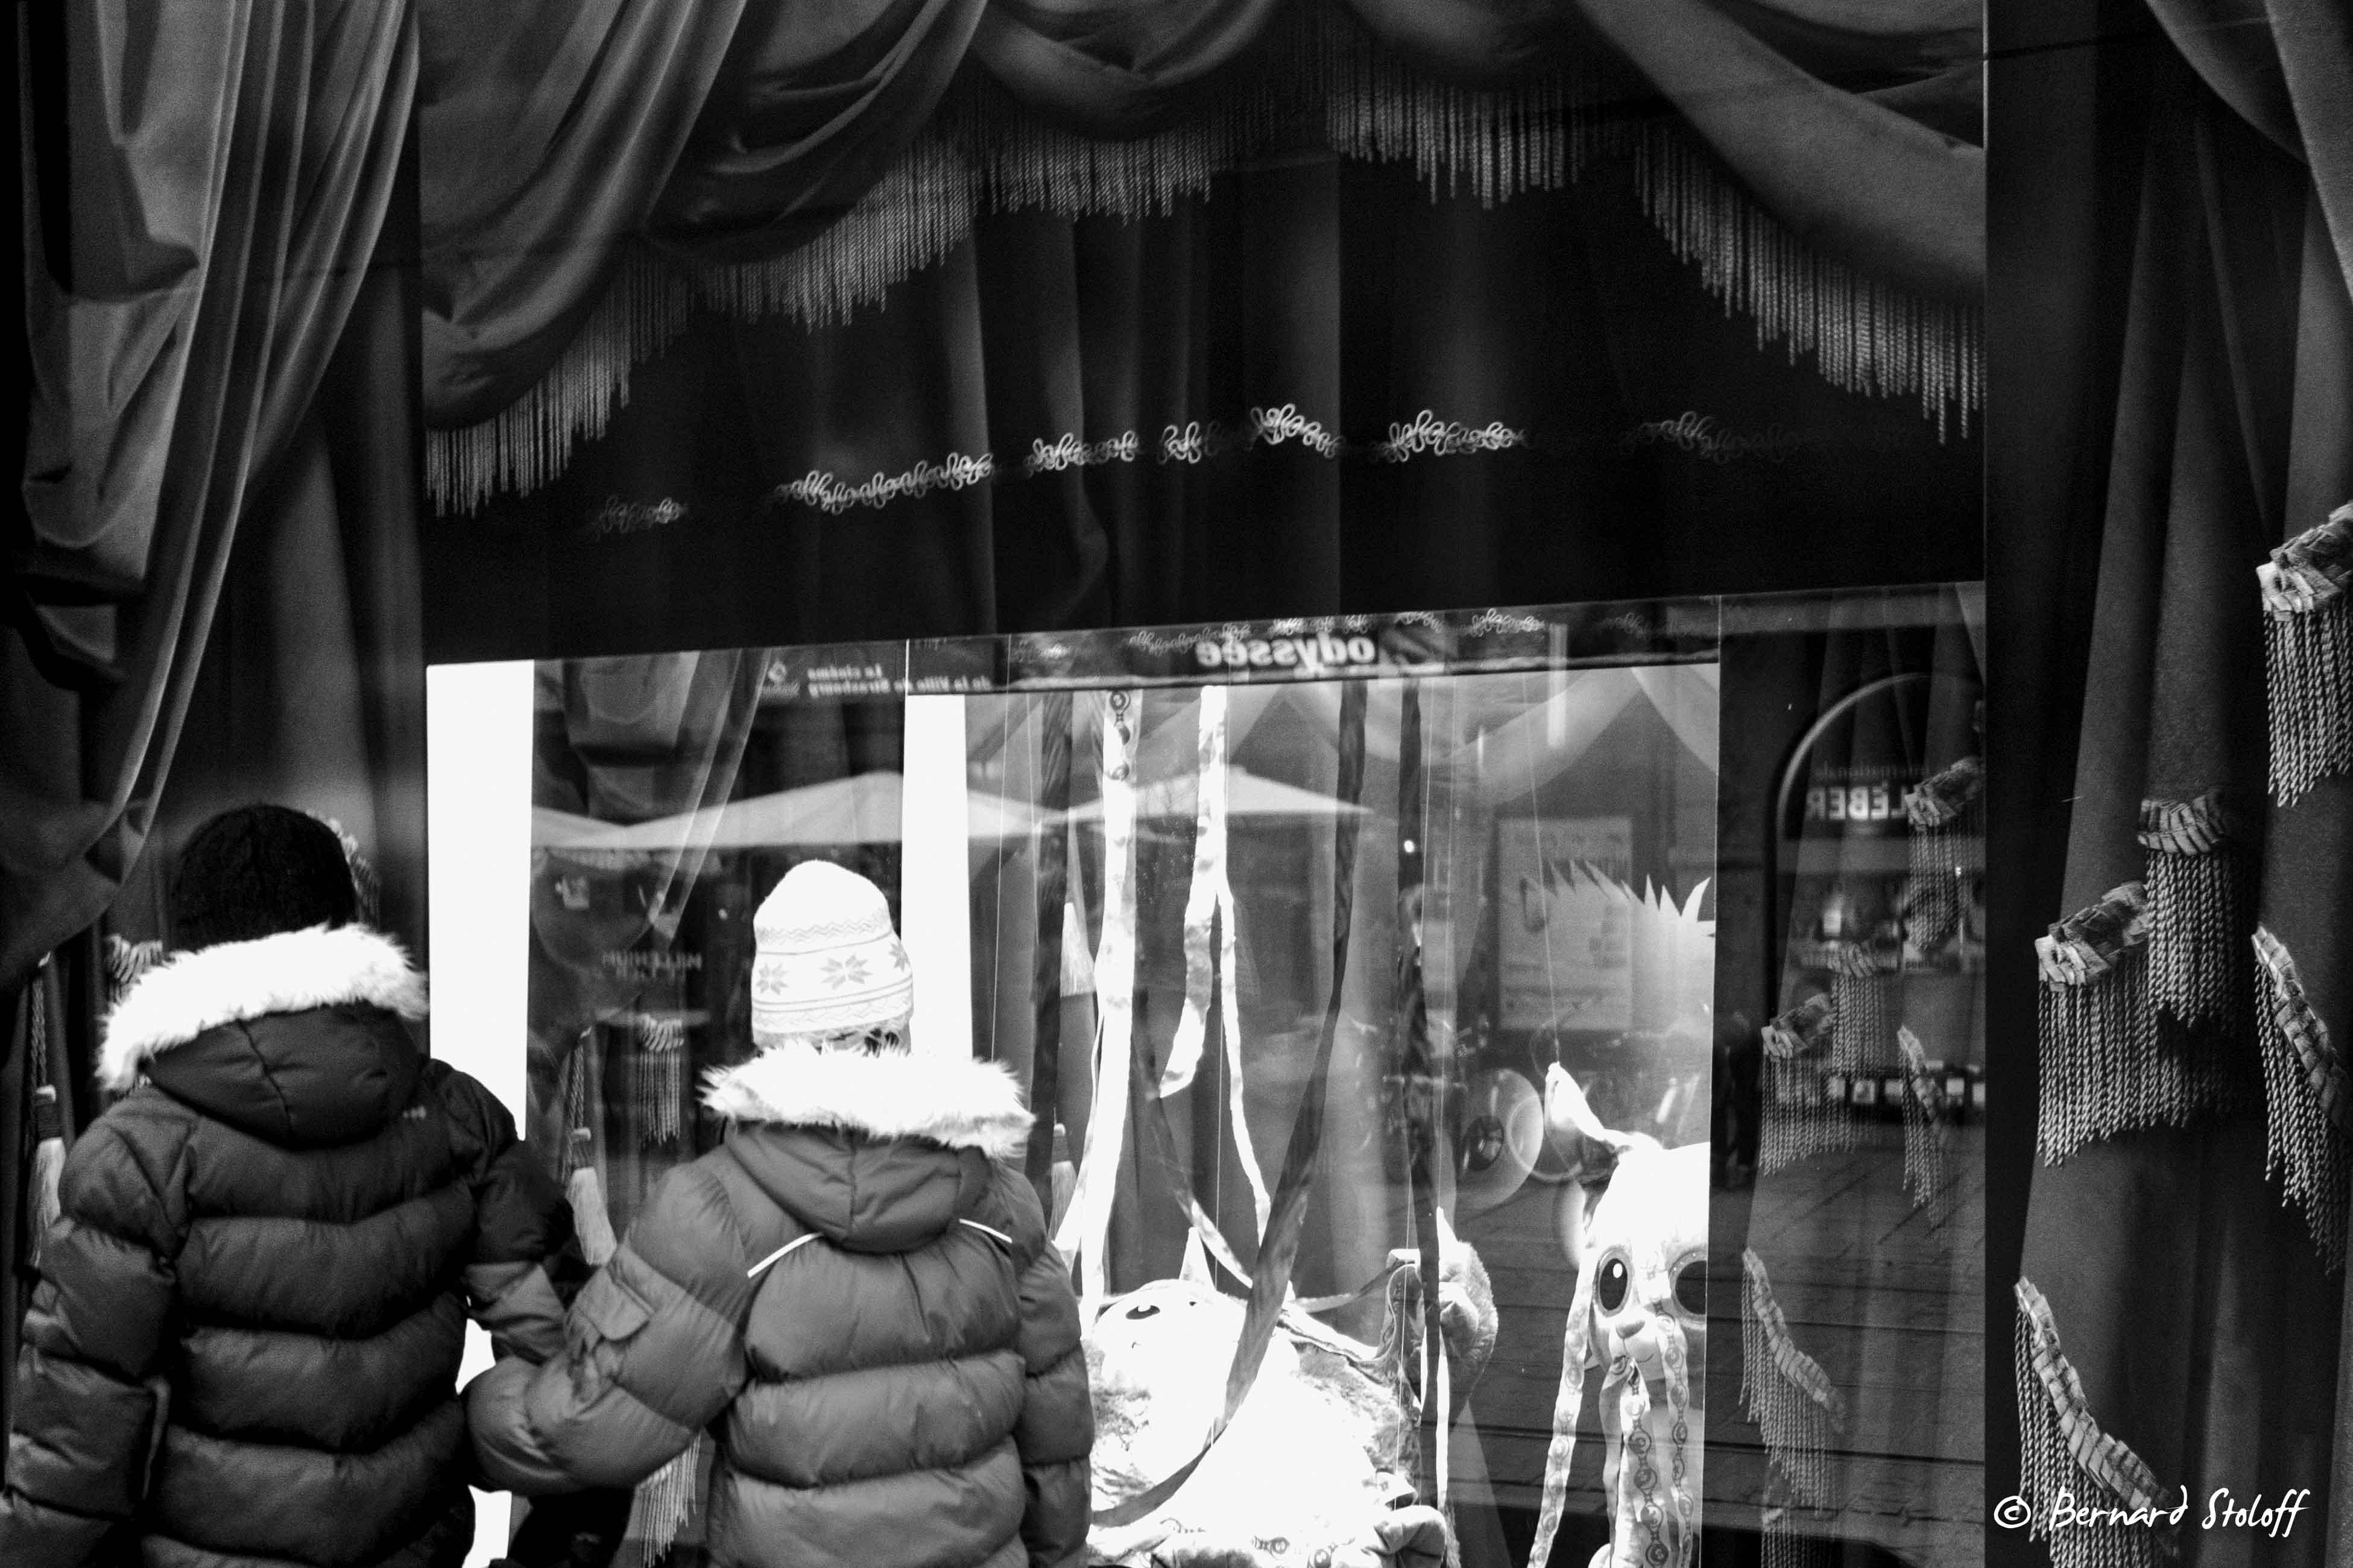 PHOTOGRAPHIER LA VITINE DE NOEL ET LES ENFANTS, STRASBOURG, ALSACE